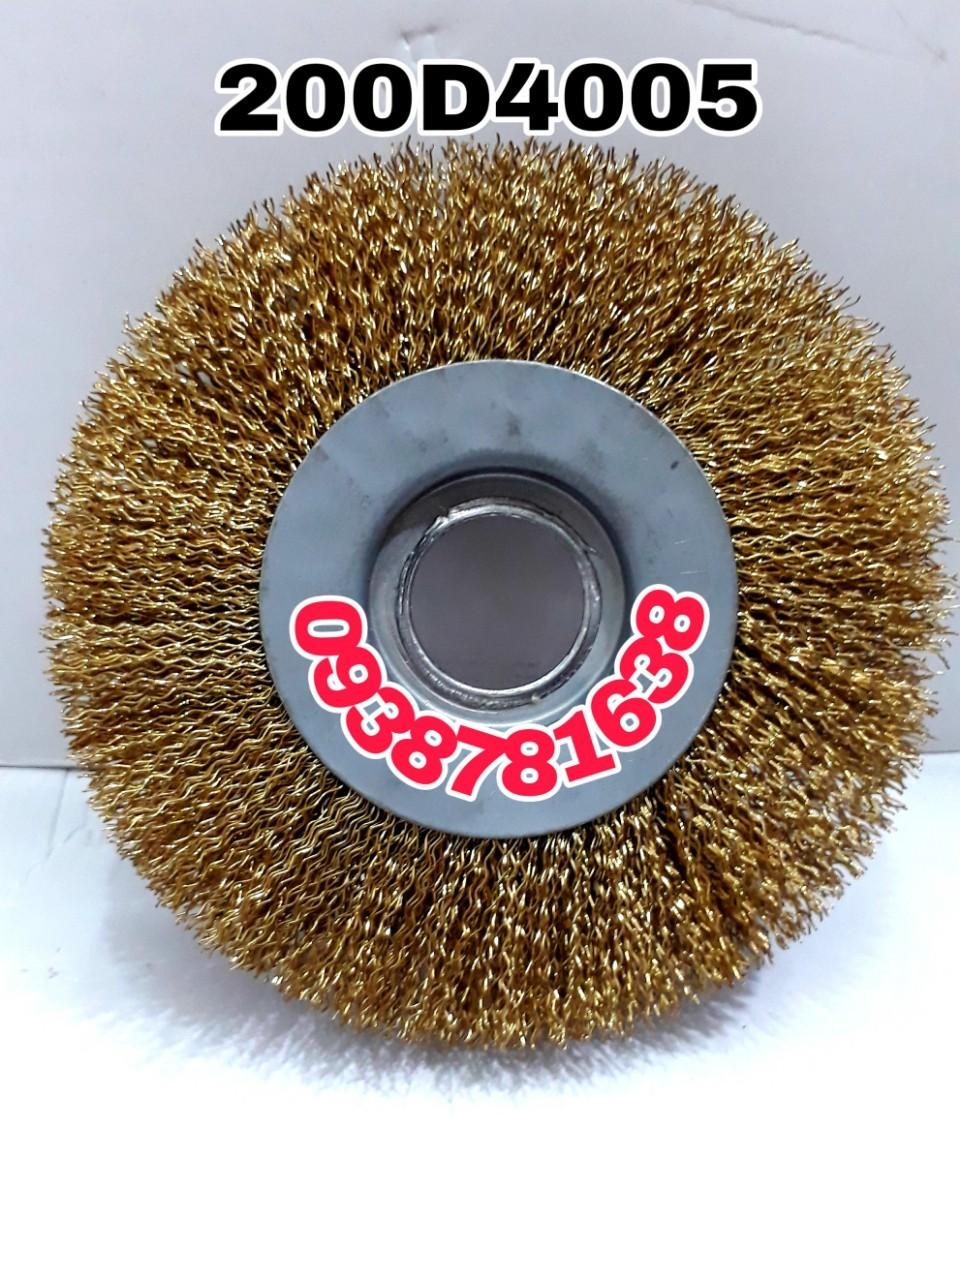 Bánh cước thép 200D4005